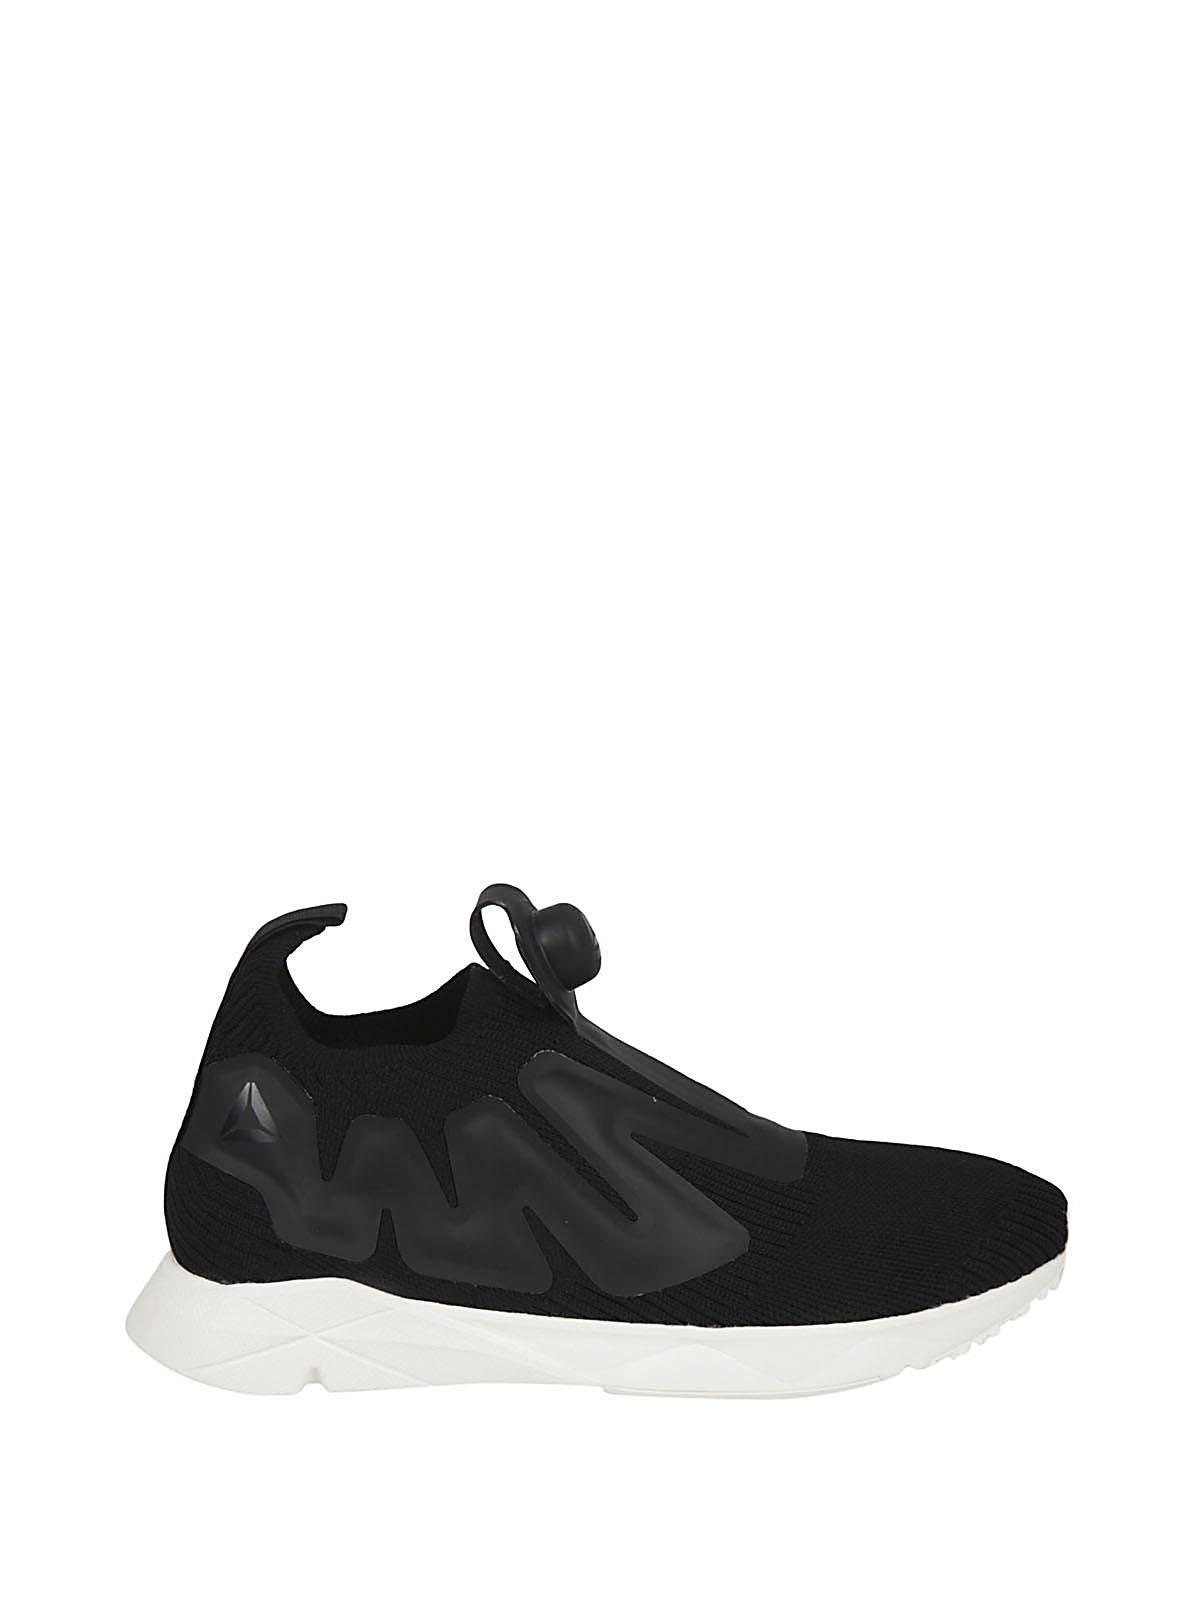 Lyst Reebok REEBOK Sneaker pump supreme style nera in